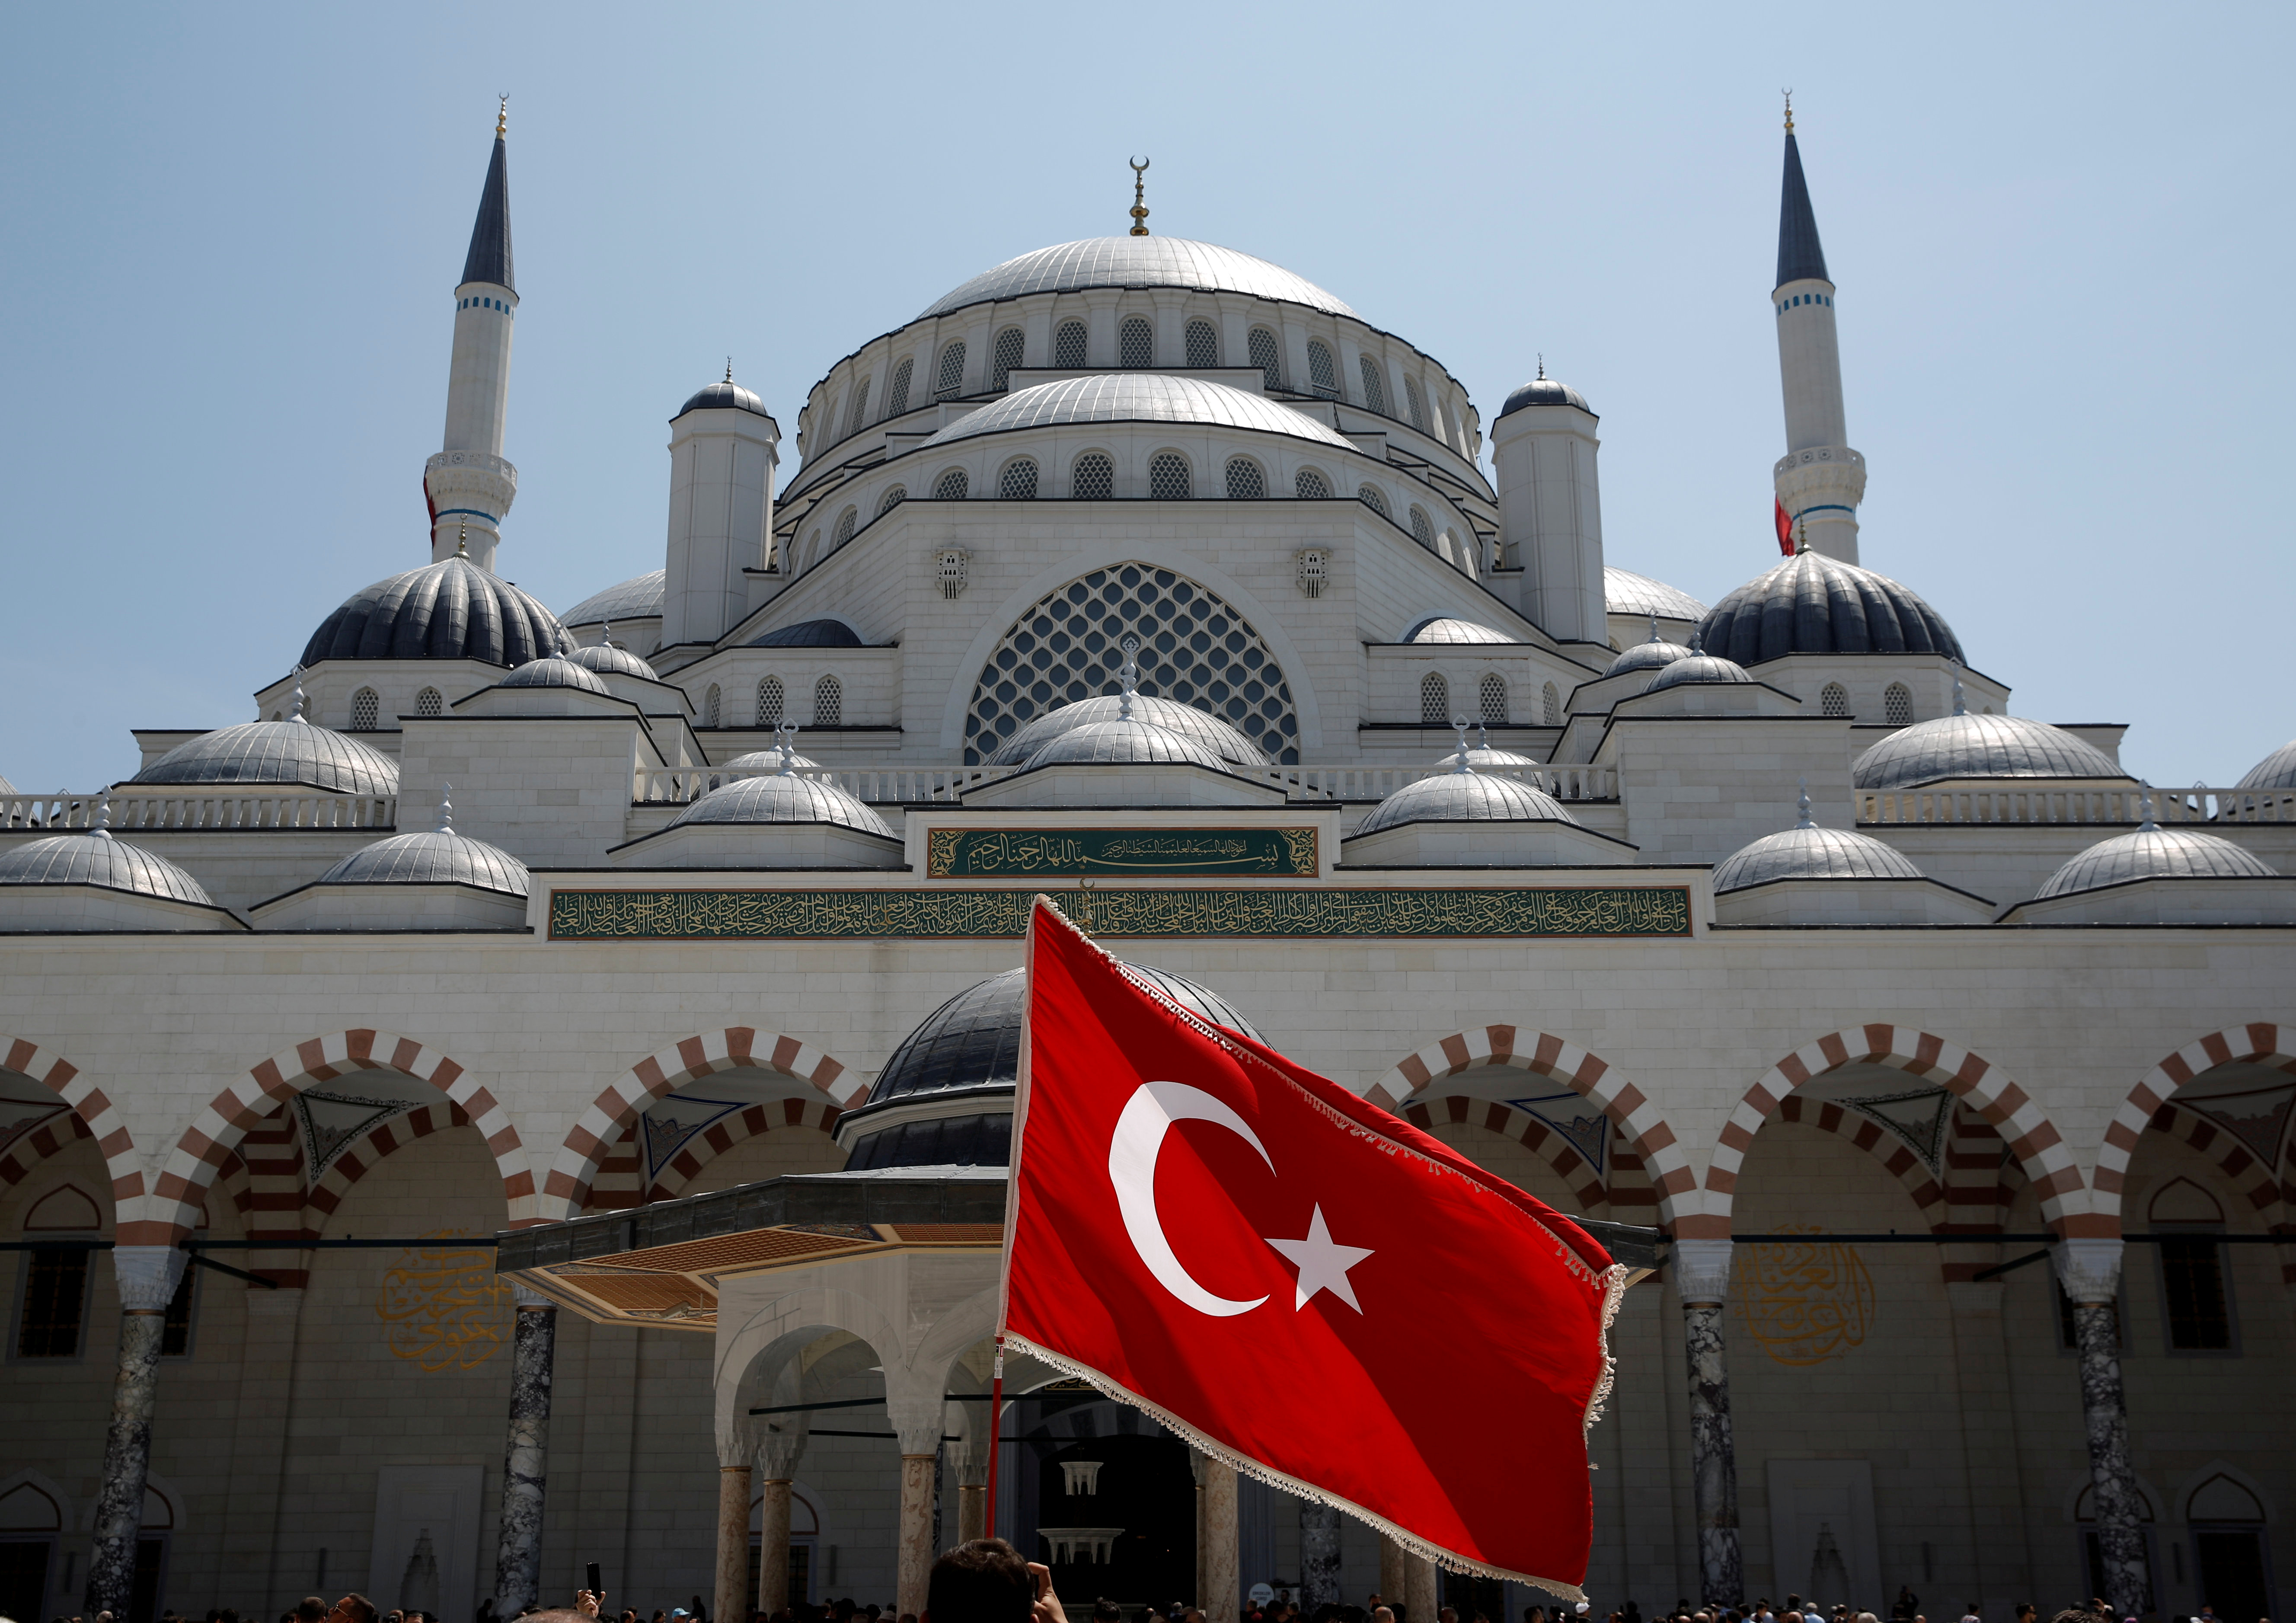 Έξαλλη η Τουρκία με την ΕΕ: Να σταματήσει να εκπροσωπεί Ελλάδα και Κύπρο